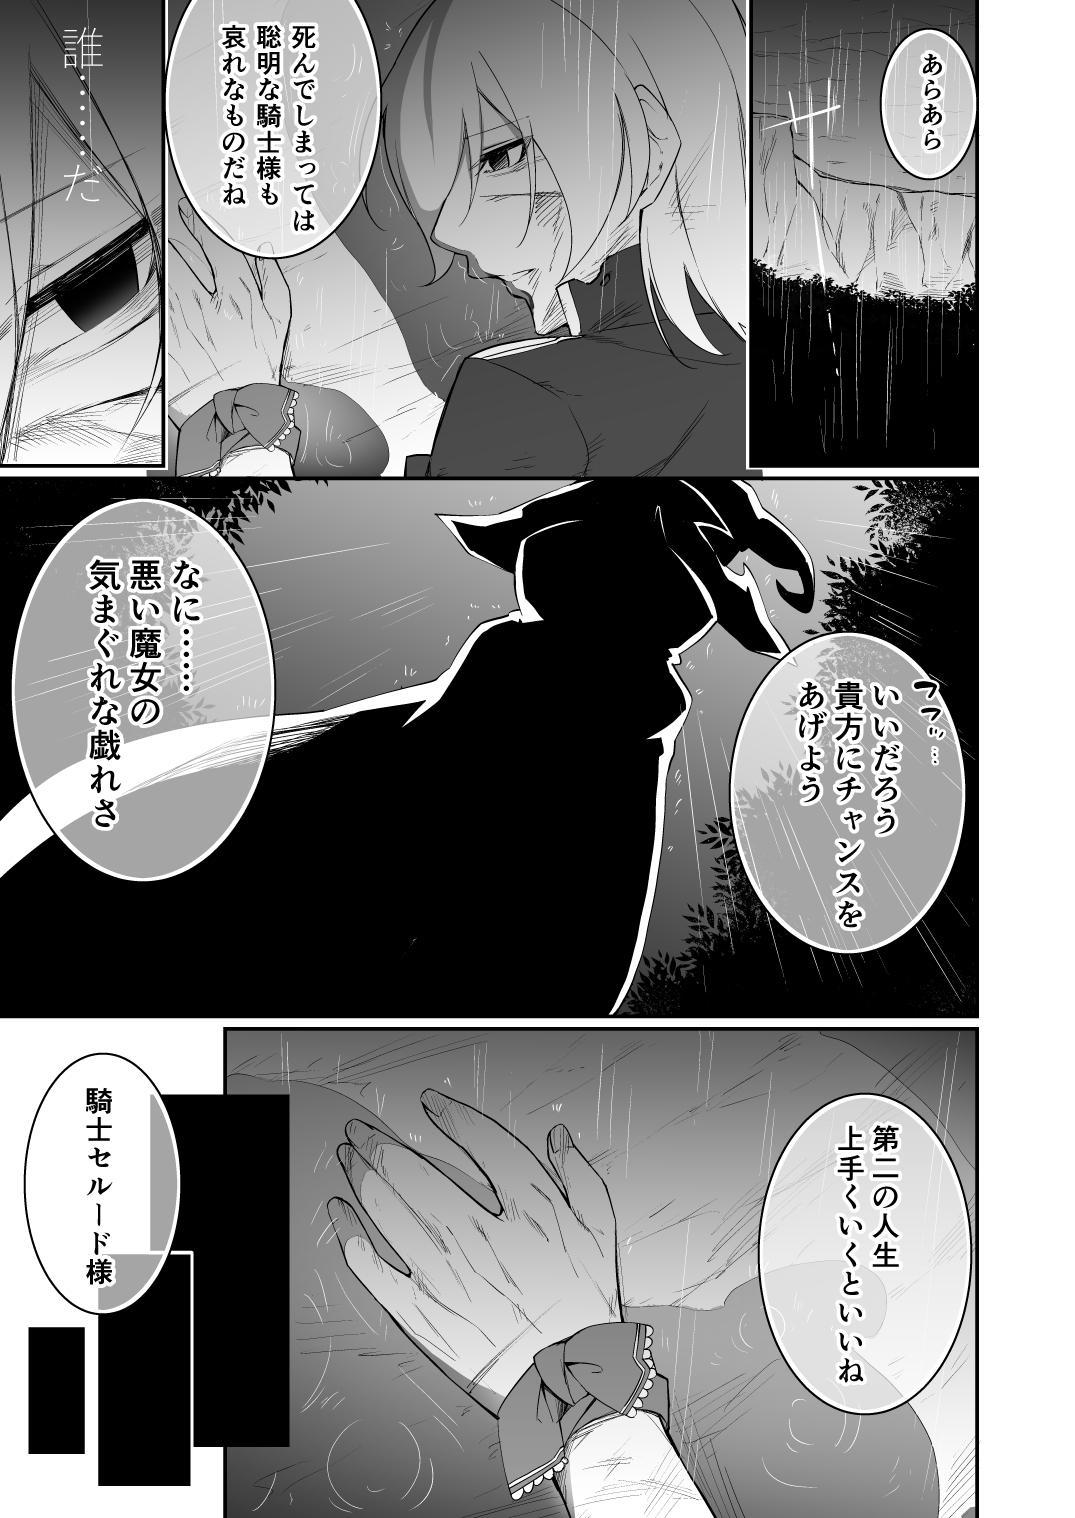 TS Tensei Kishi to Aru Kizoku no Yakusoku 2